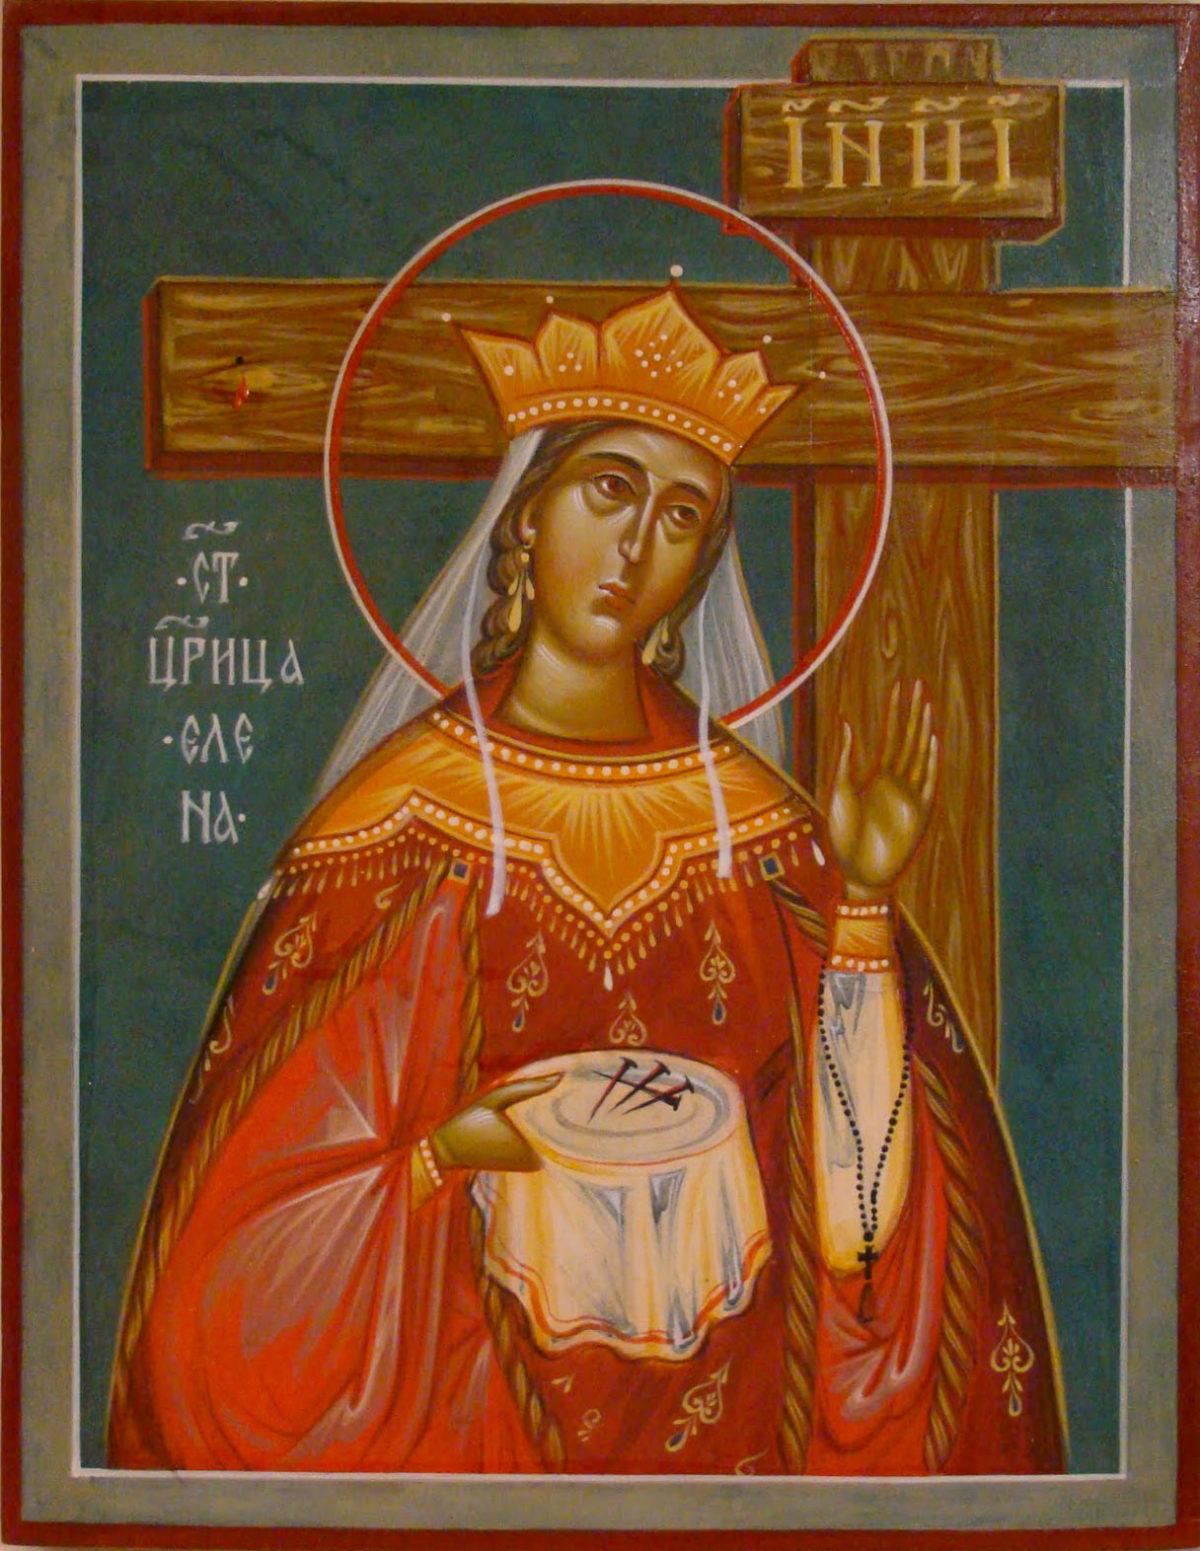 Обретение Честного Креста и гвоздей святой царицей Еленой во Иерусалиме